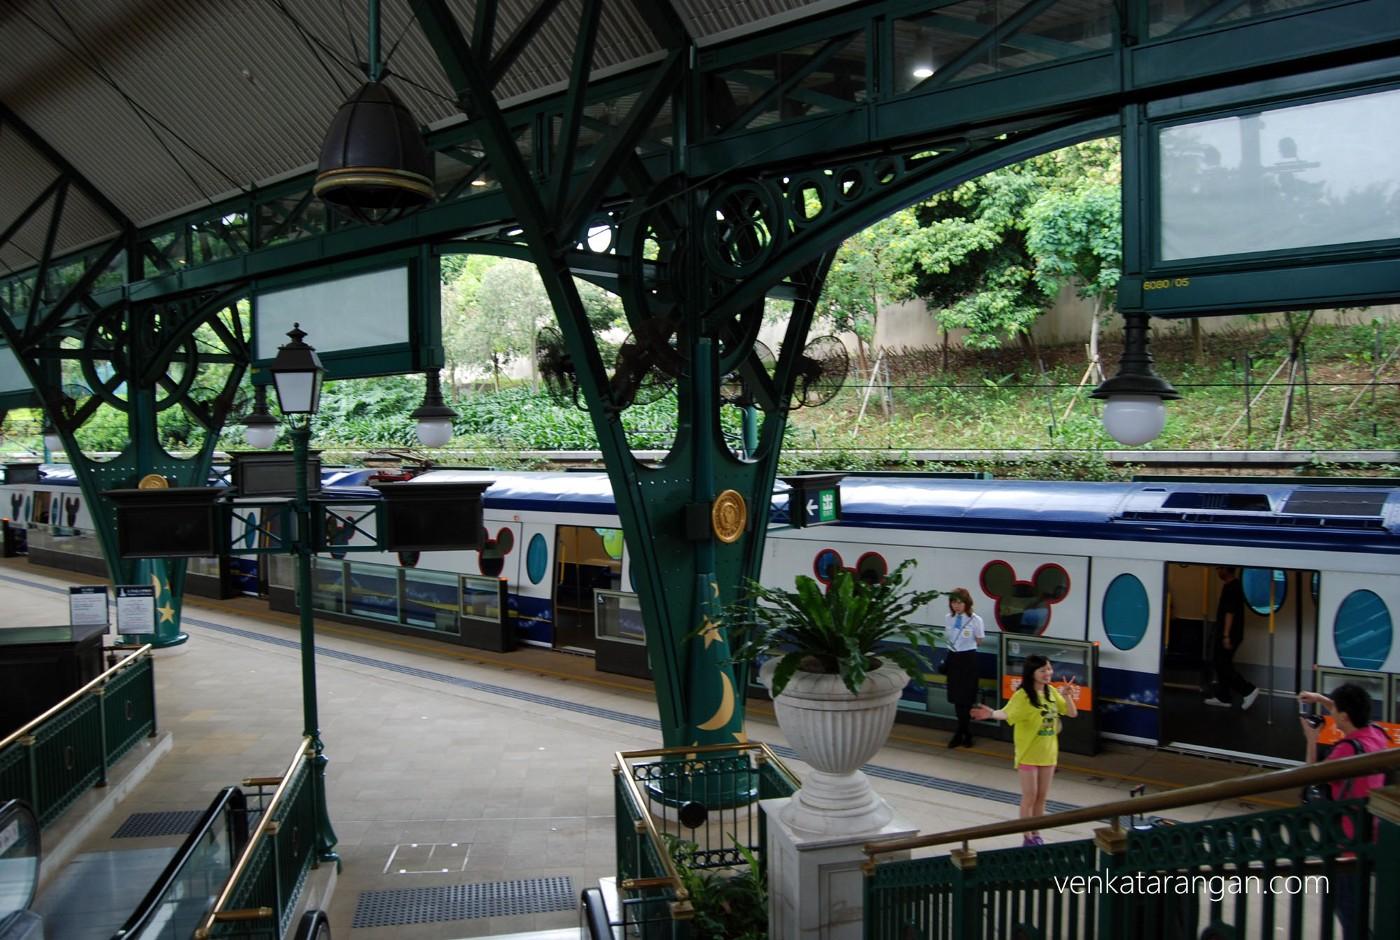 Hong Kong Disneyland MTR station